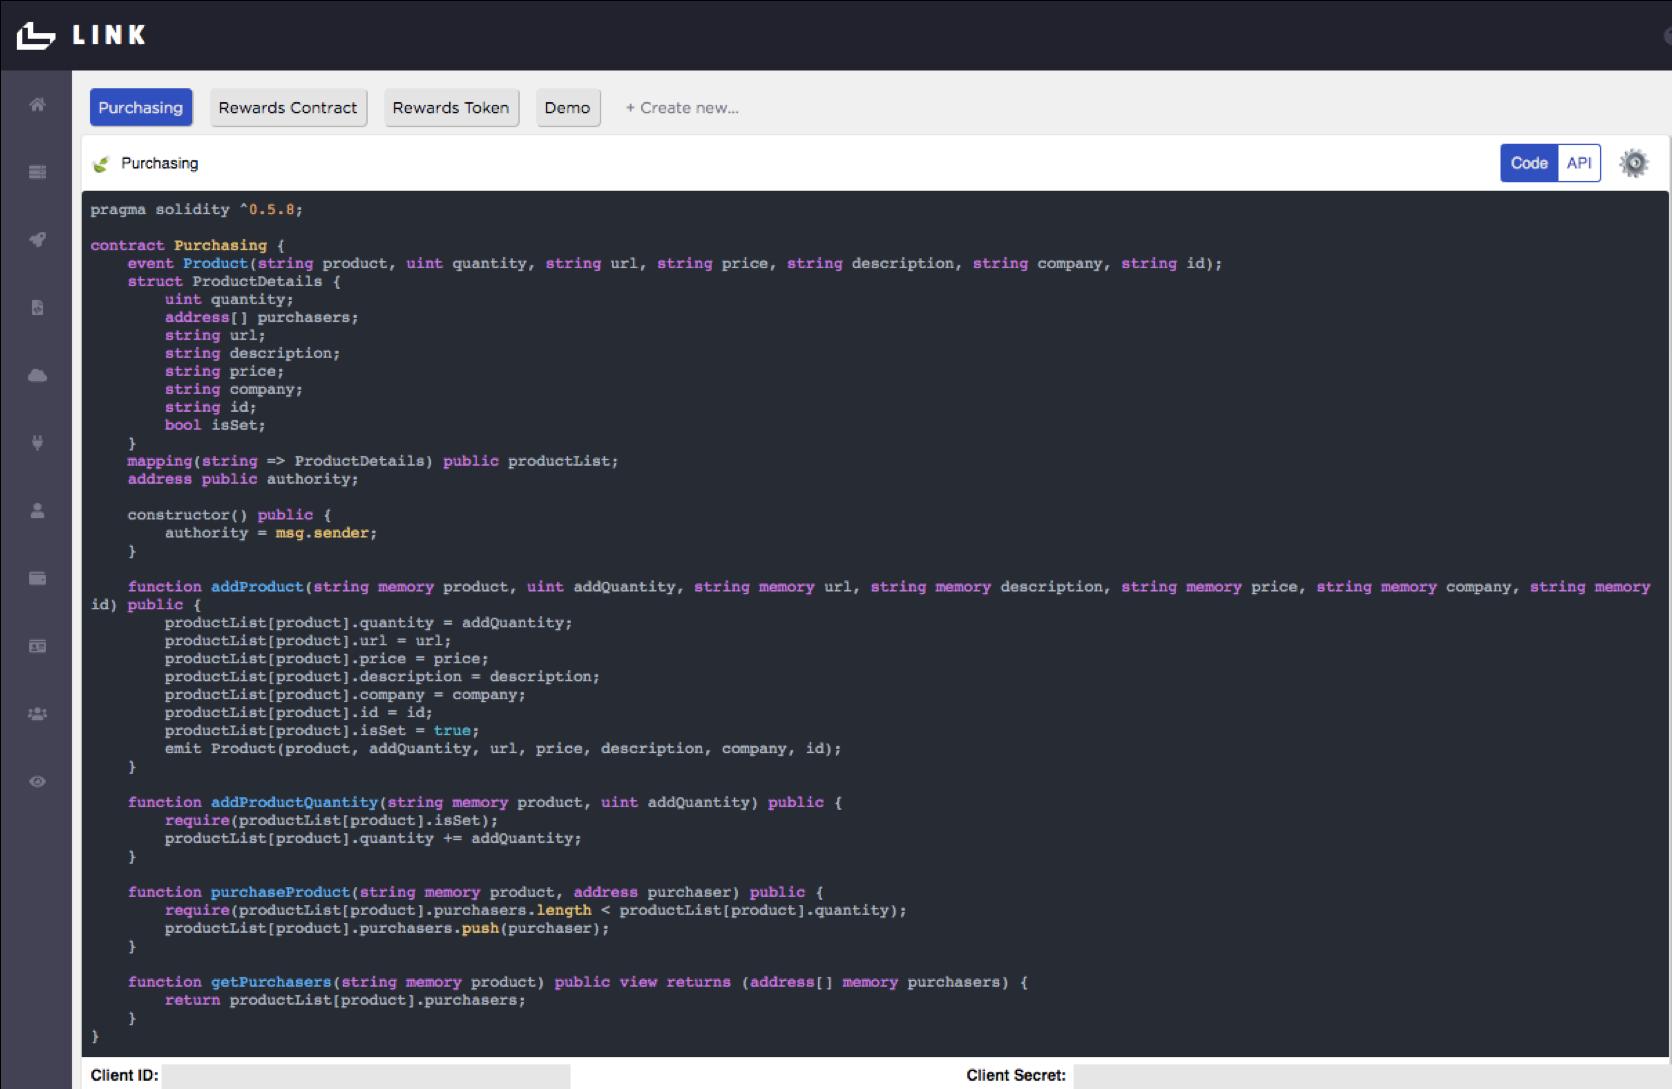 Link API Setup Completed